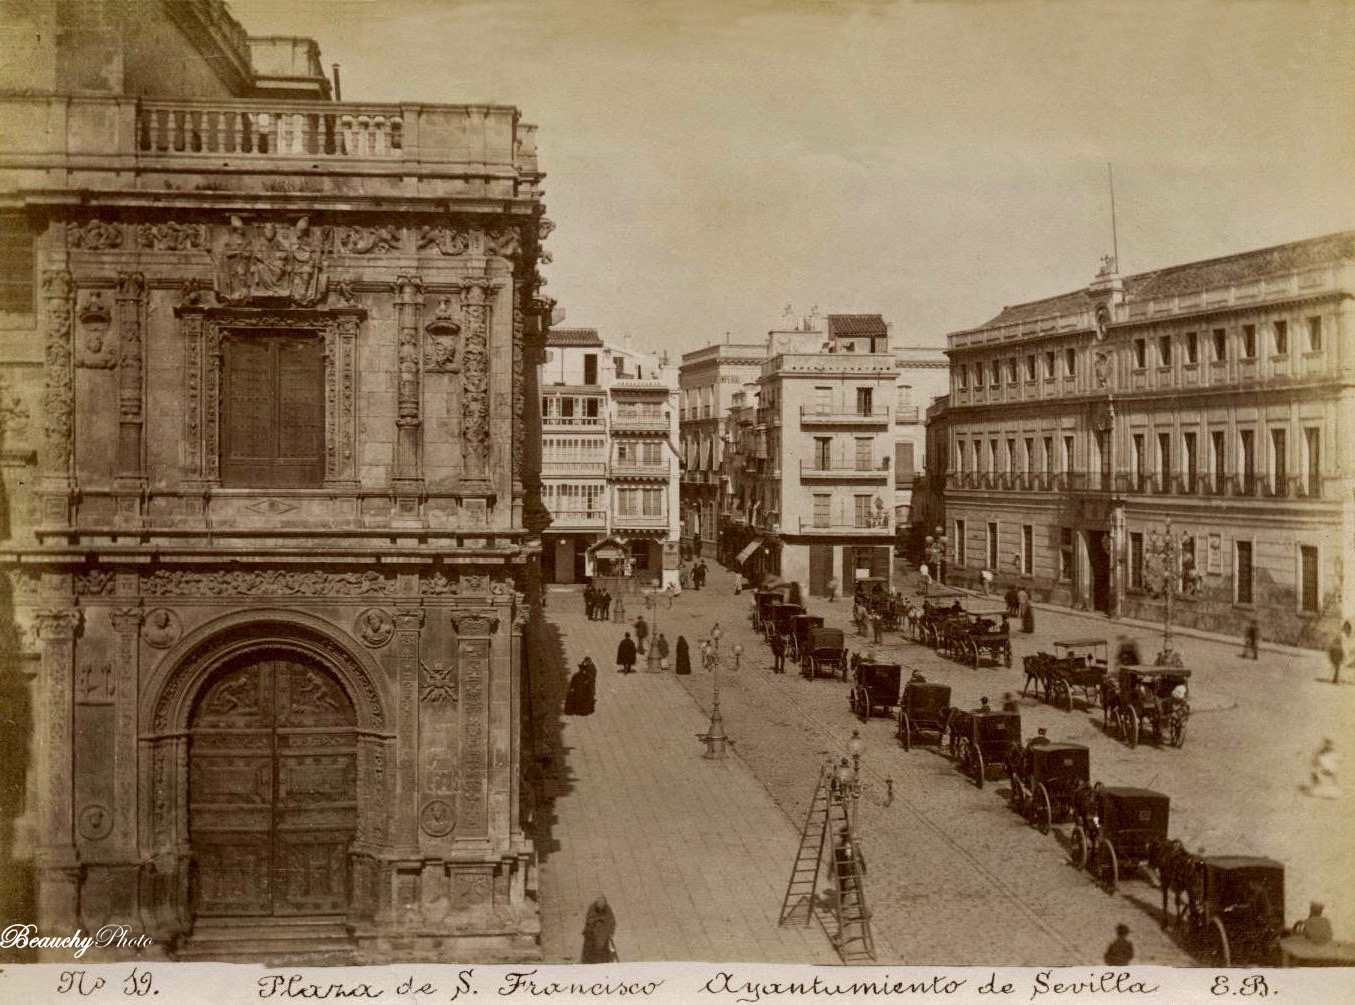 Beauchyphoto_Plaza_de_San_Francisco_Ayuntamiento_de_Sevilla_(4)_1890_Emilio_Beauchy_Cano_fotografias_antiguas_postales_vistas_y_monumentos